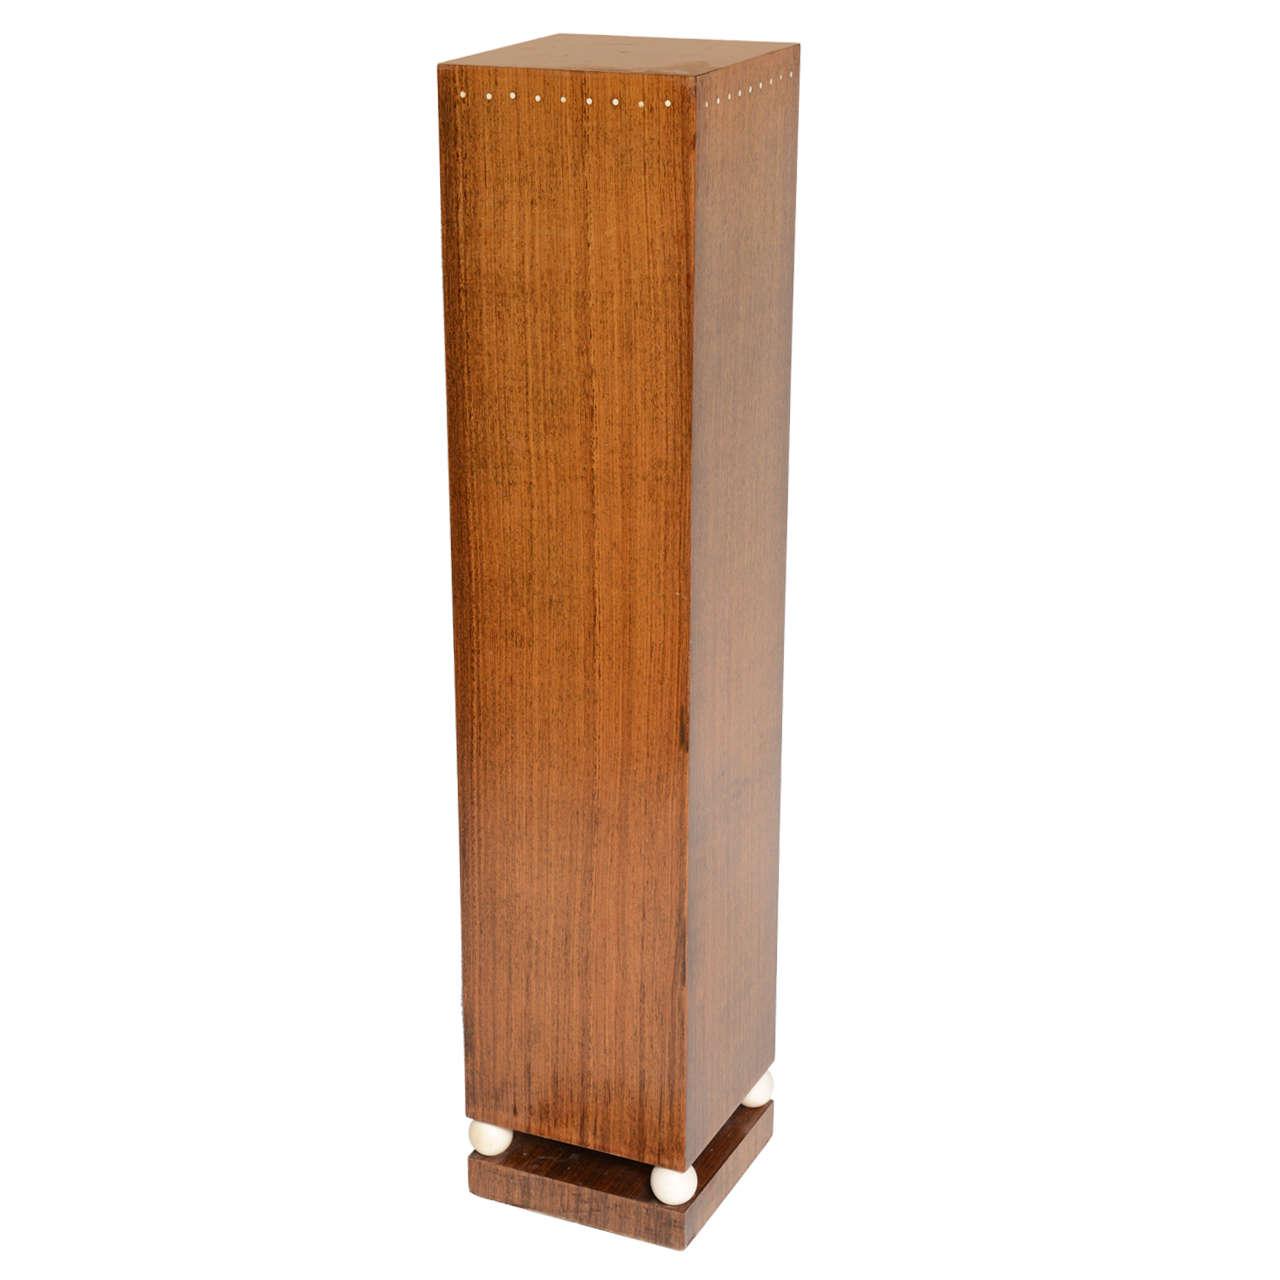 Vintage Art Deco Column Pedestal At 1stdibs